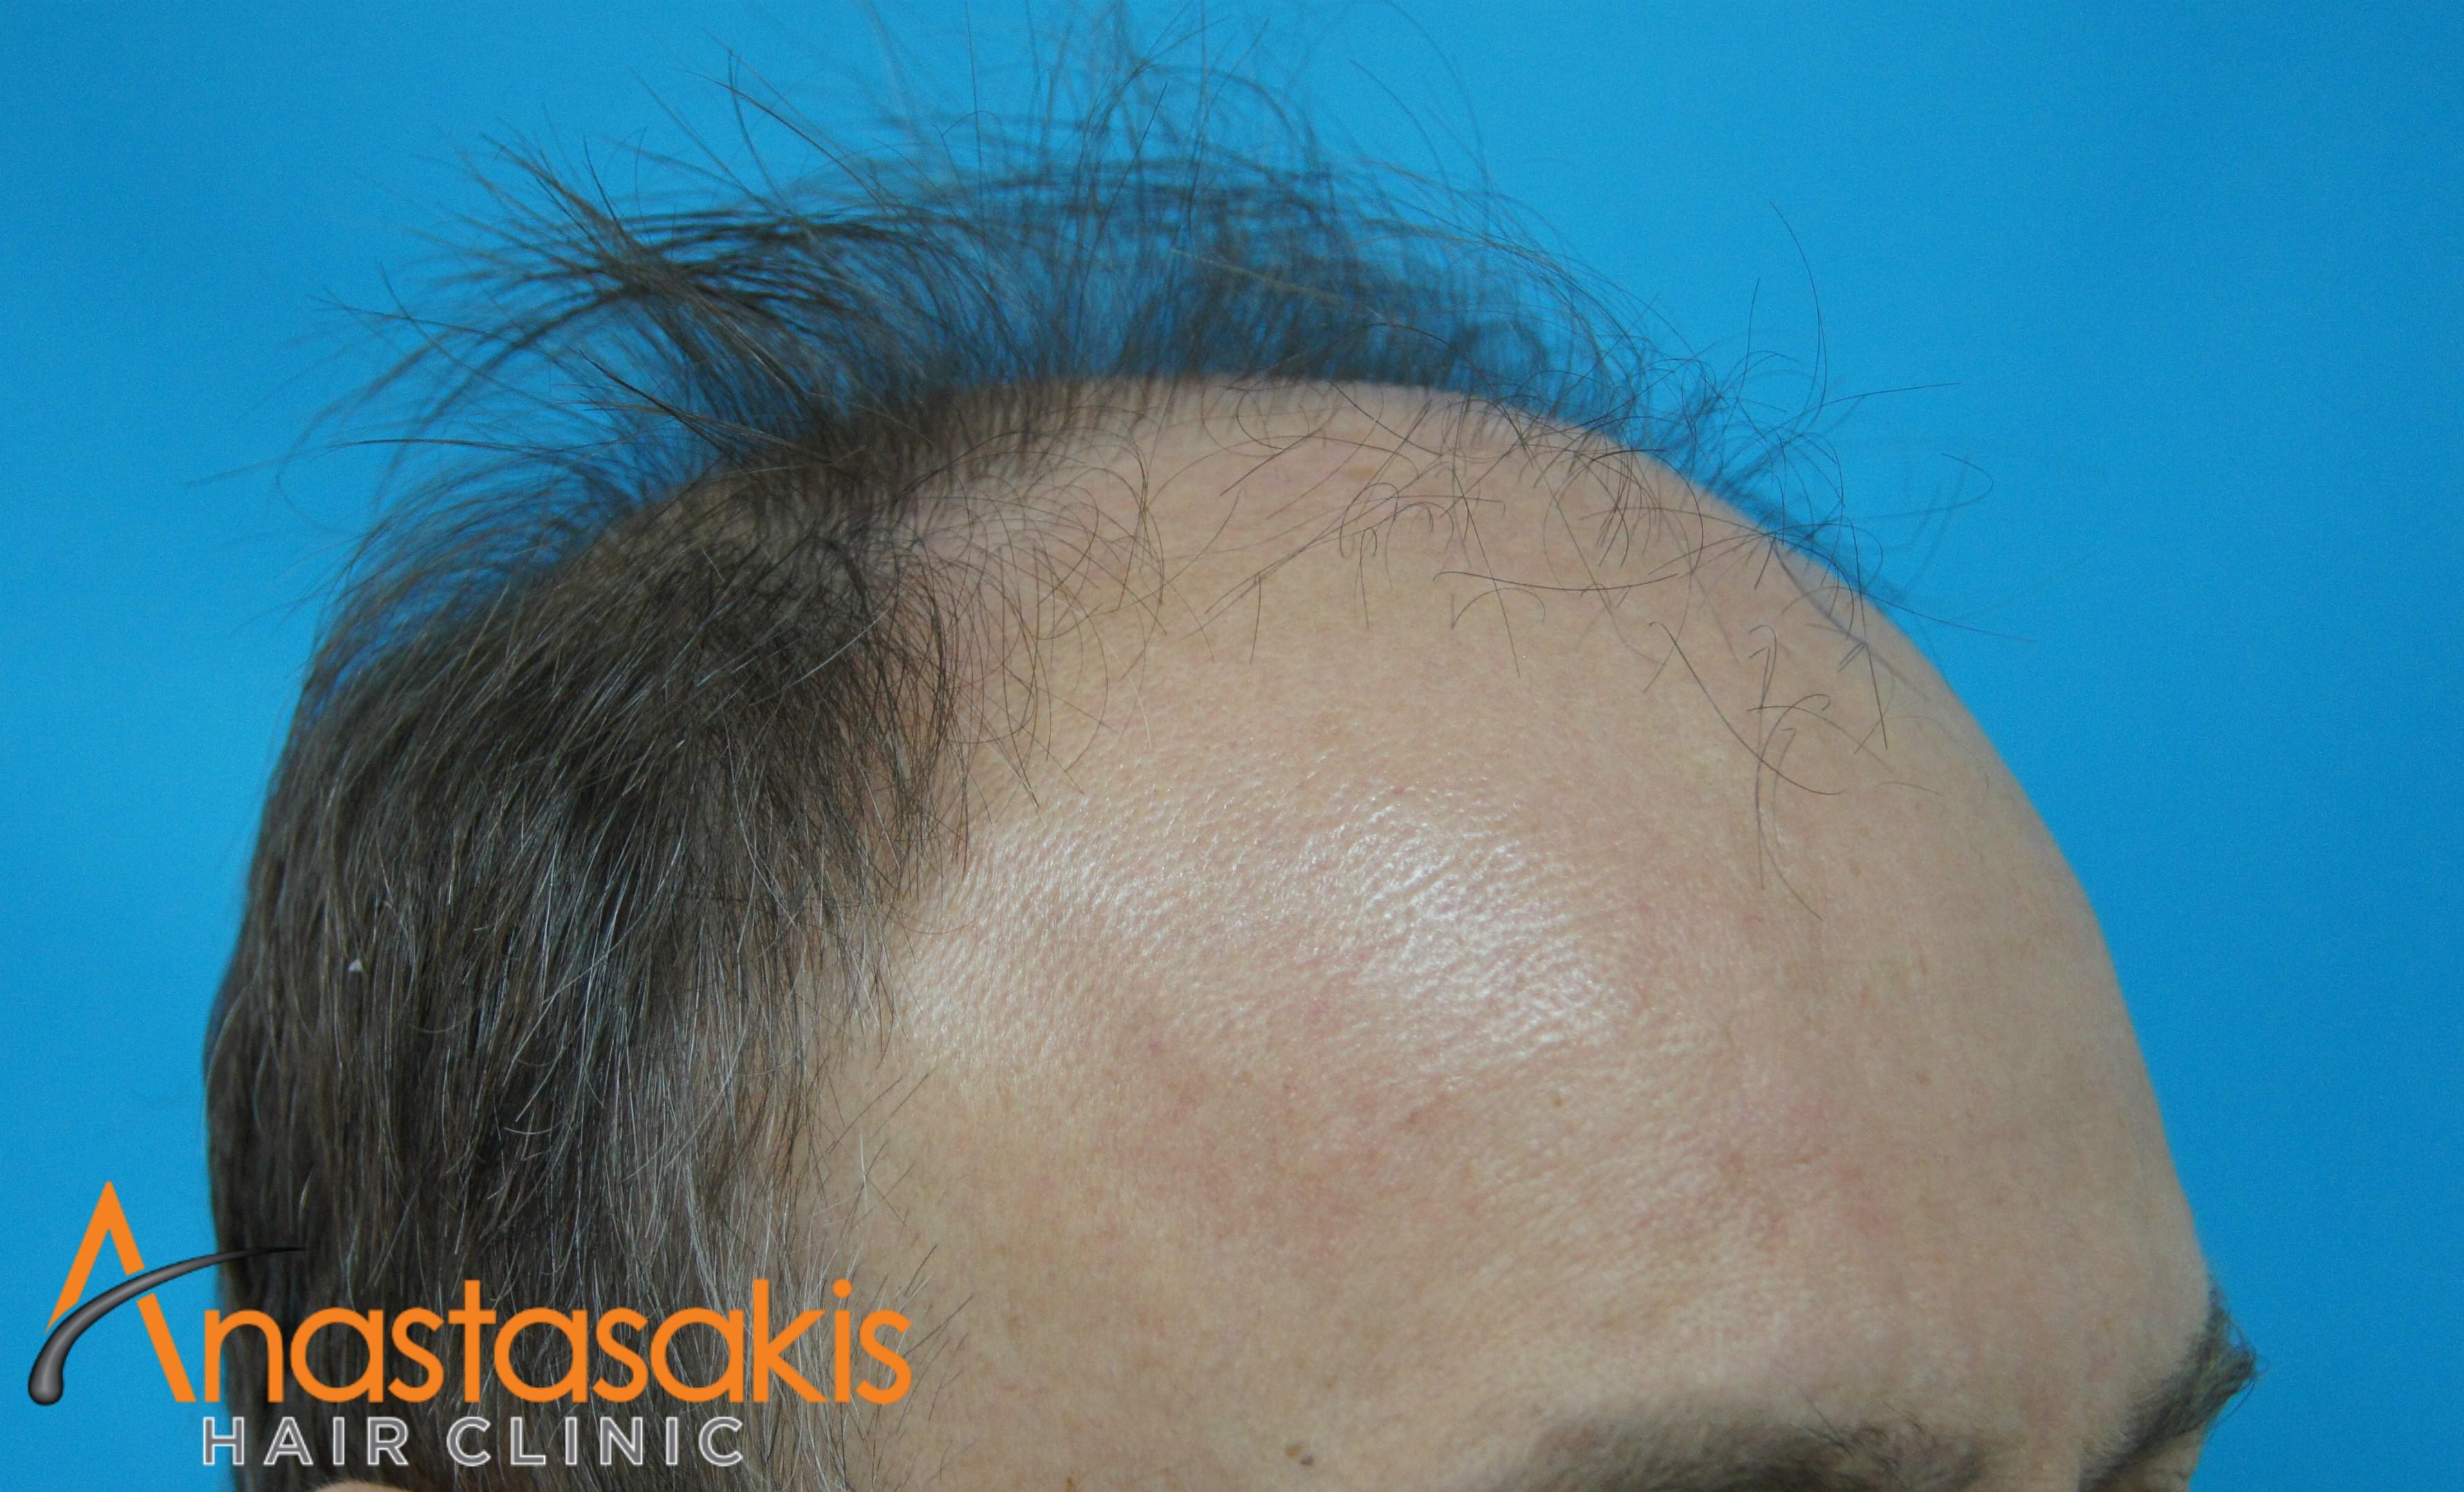 ασθενής πριν την μεταμόσχευση μαλλιών fut με 3500fus αριστερό προφίλ